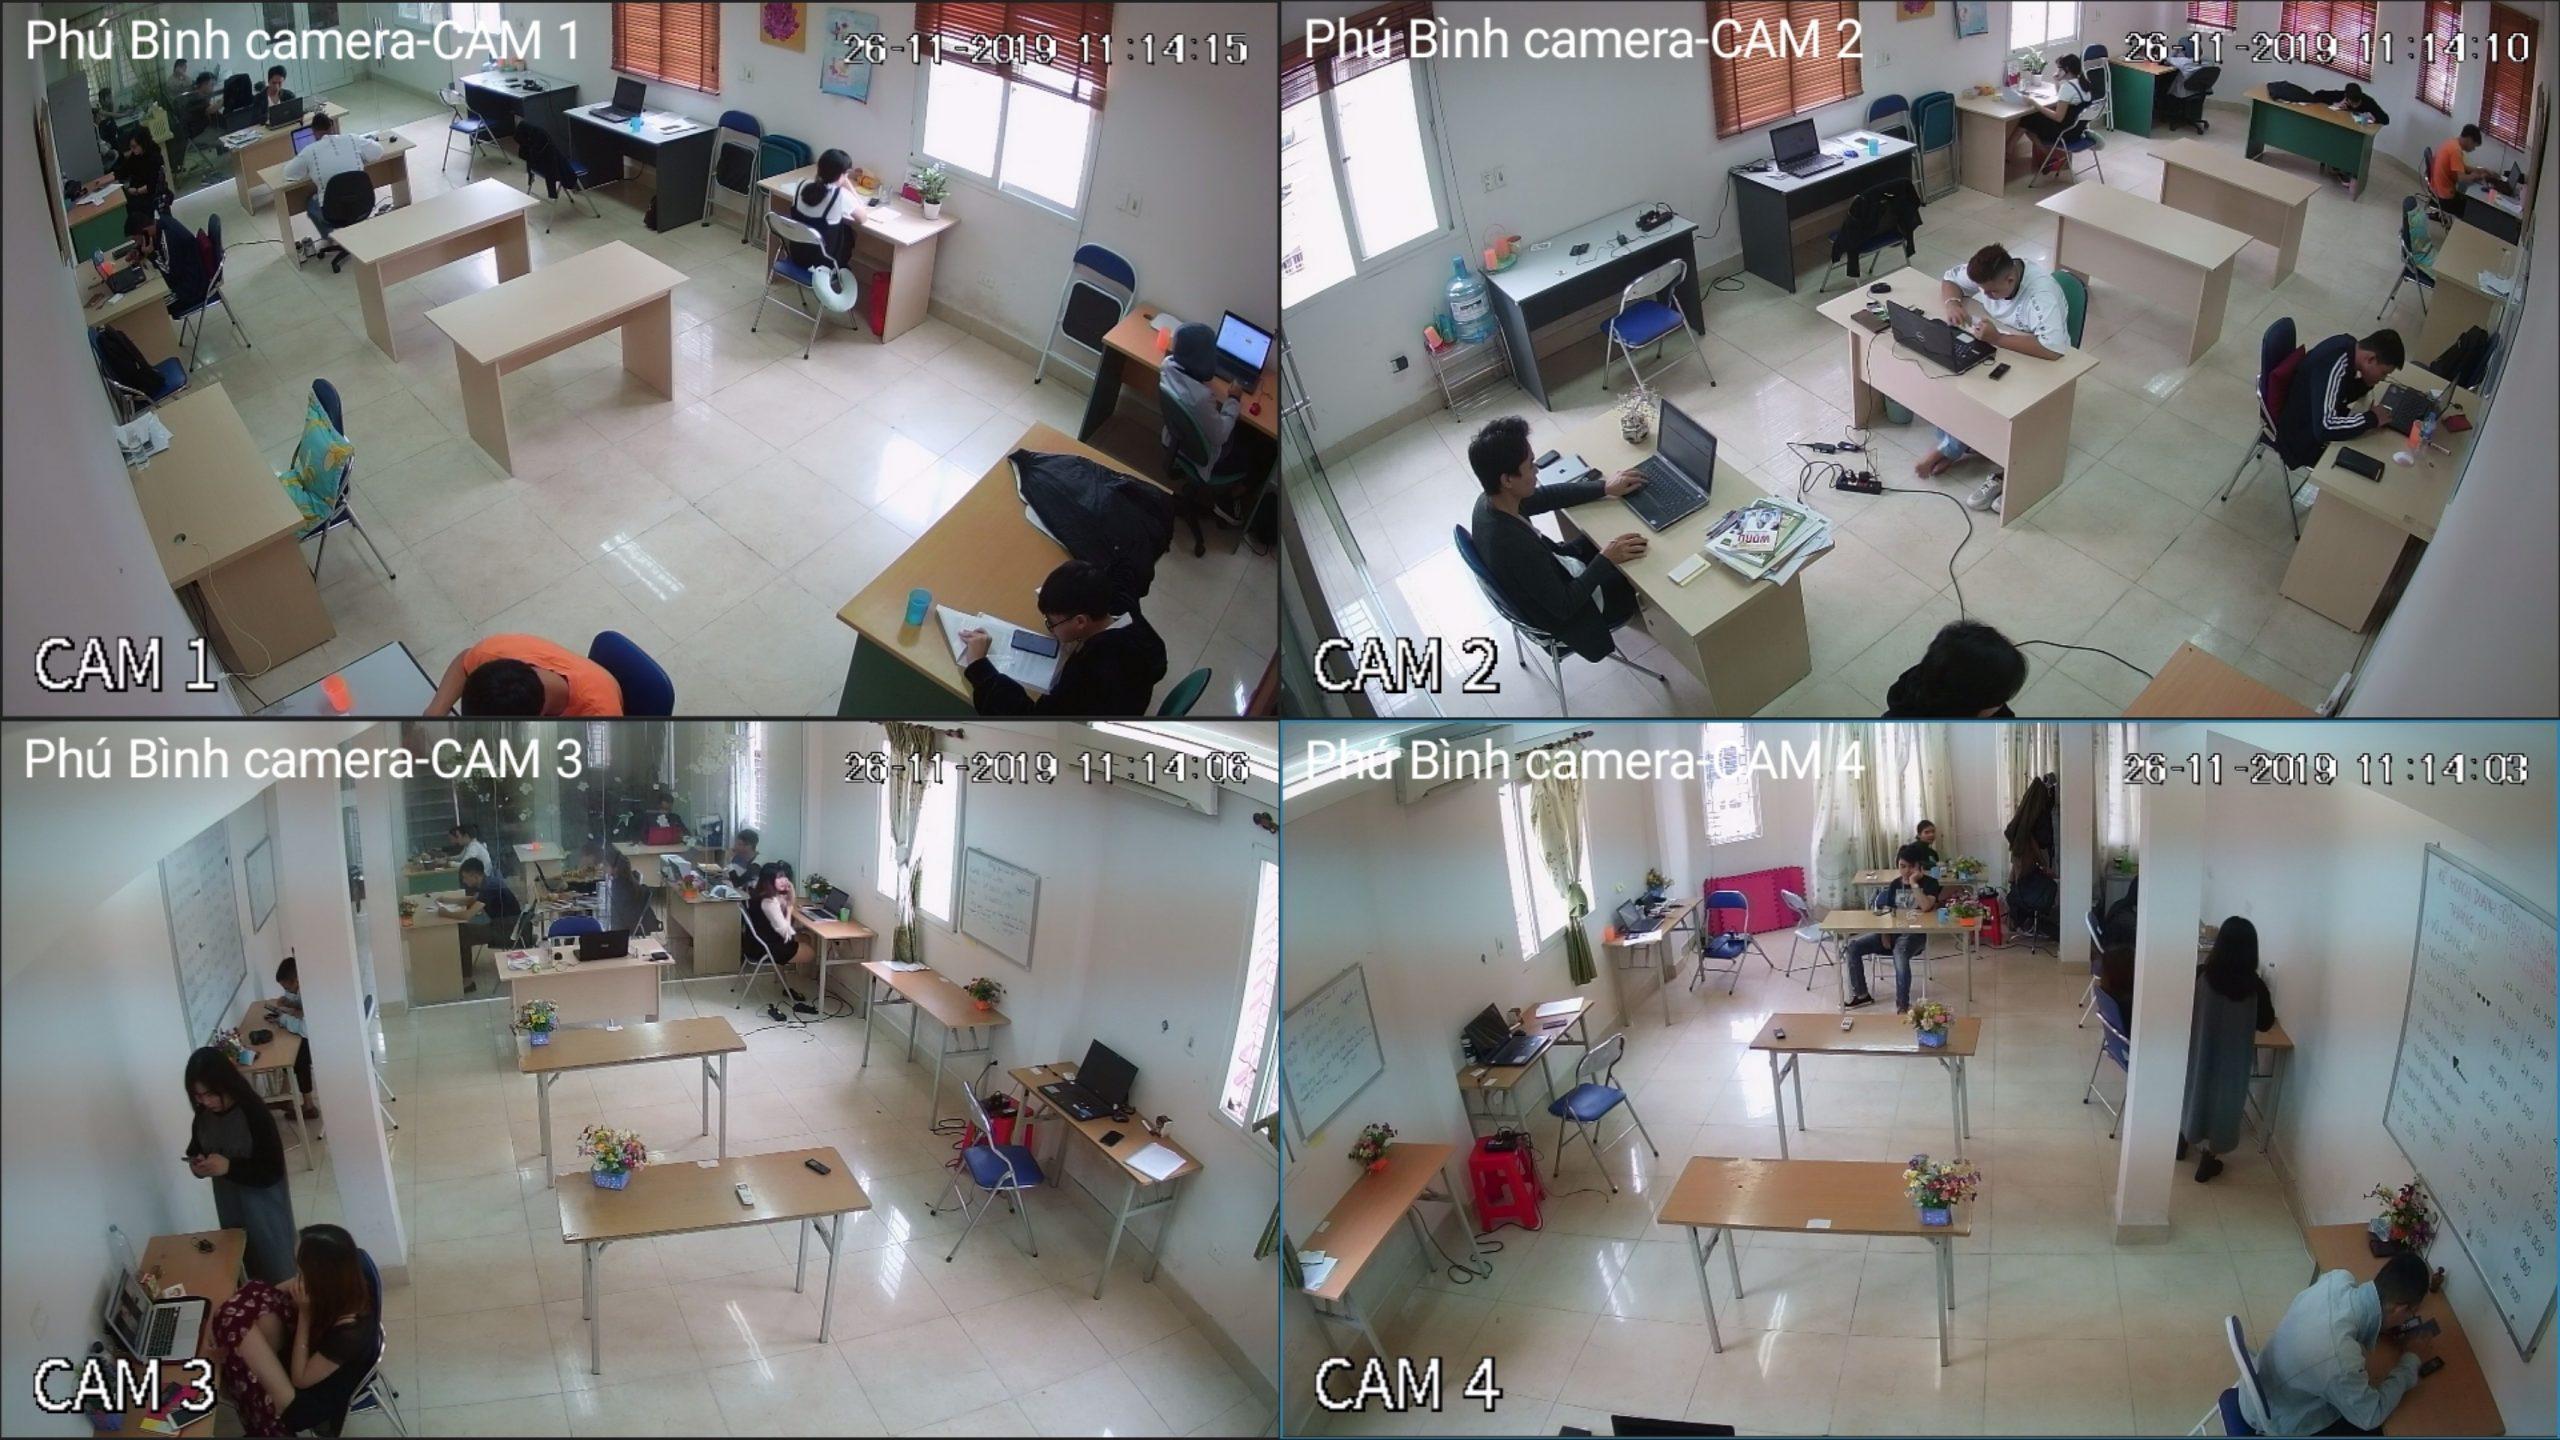 hình-ảnh-ban-ngày-bộ-2-camera-dahua-2.0-có-mic-ghi-âm-phubinh